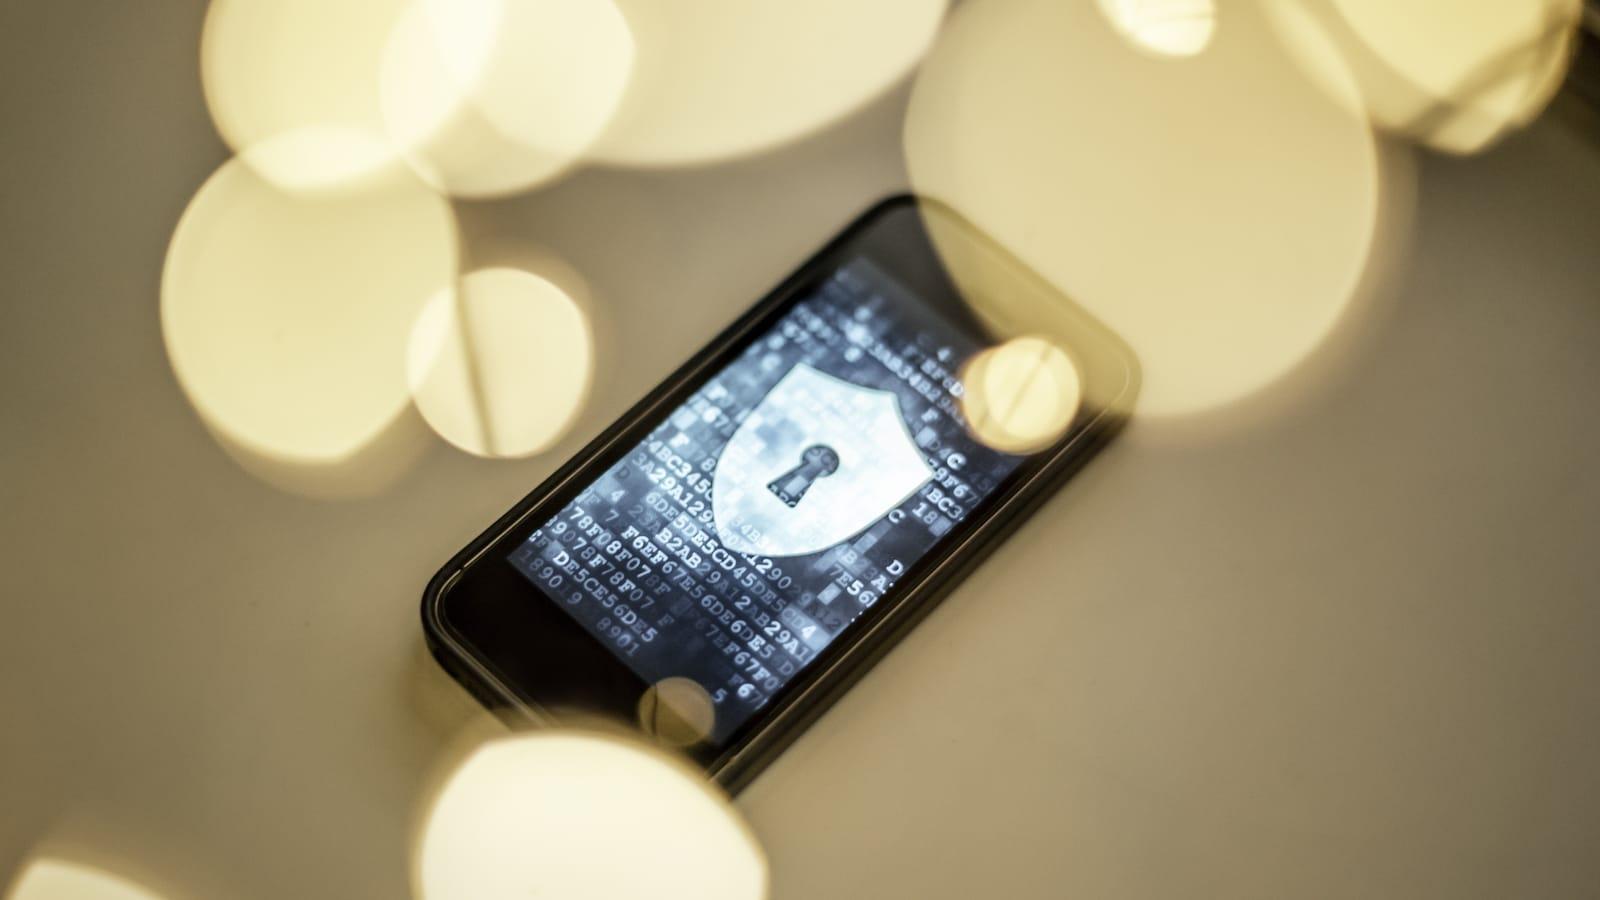 securite smartphone donnees personnelles - Blog SFAM